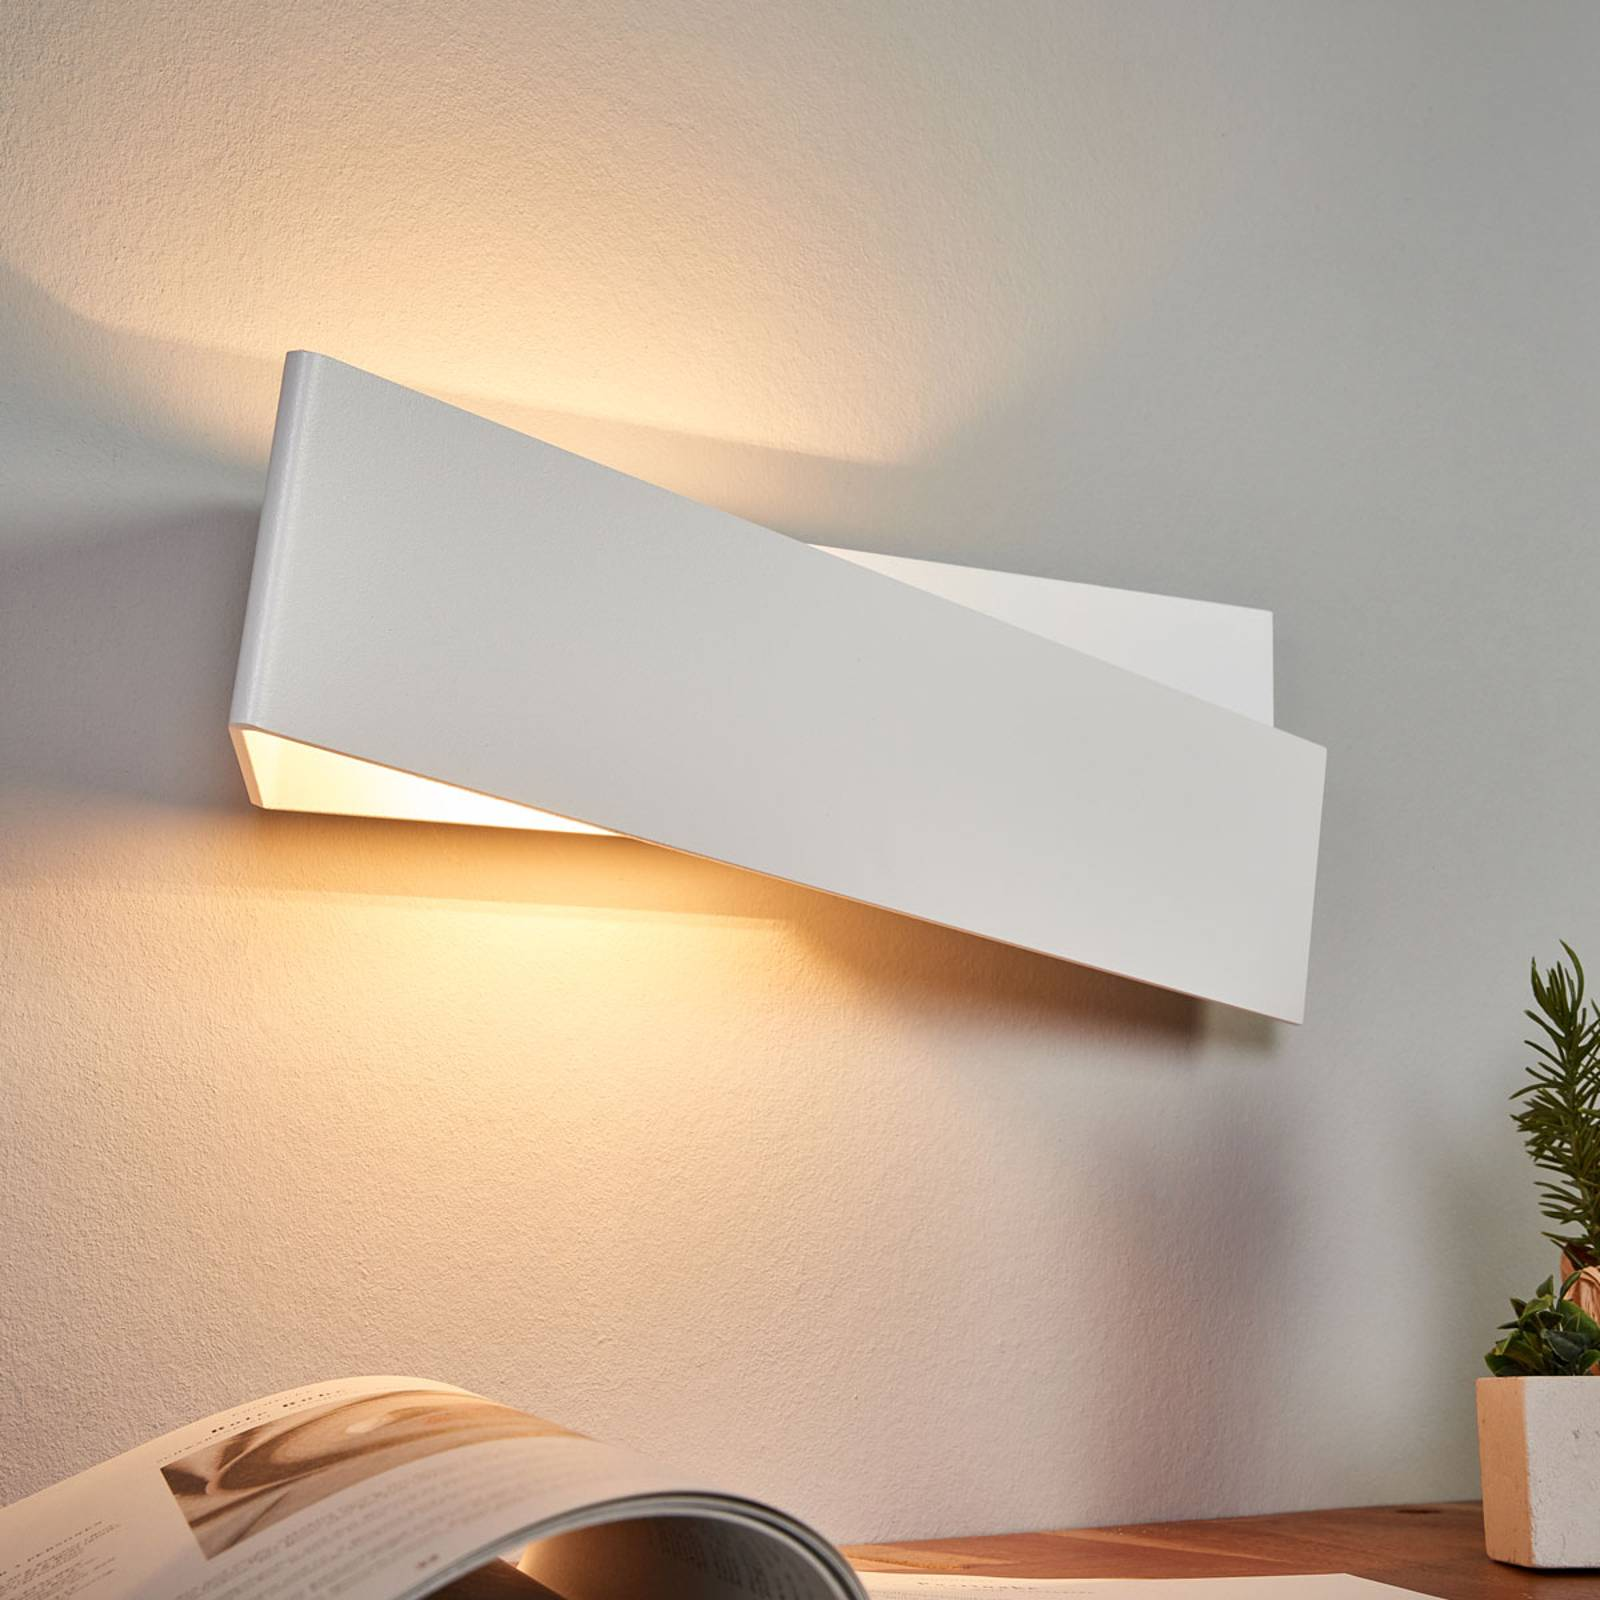 Wandlamp Zig Zag in wit, 43 cm